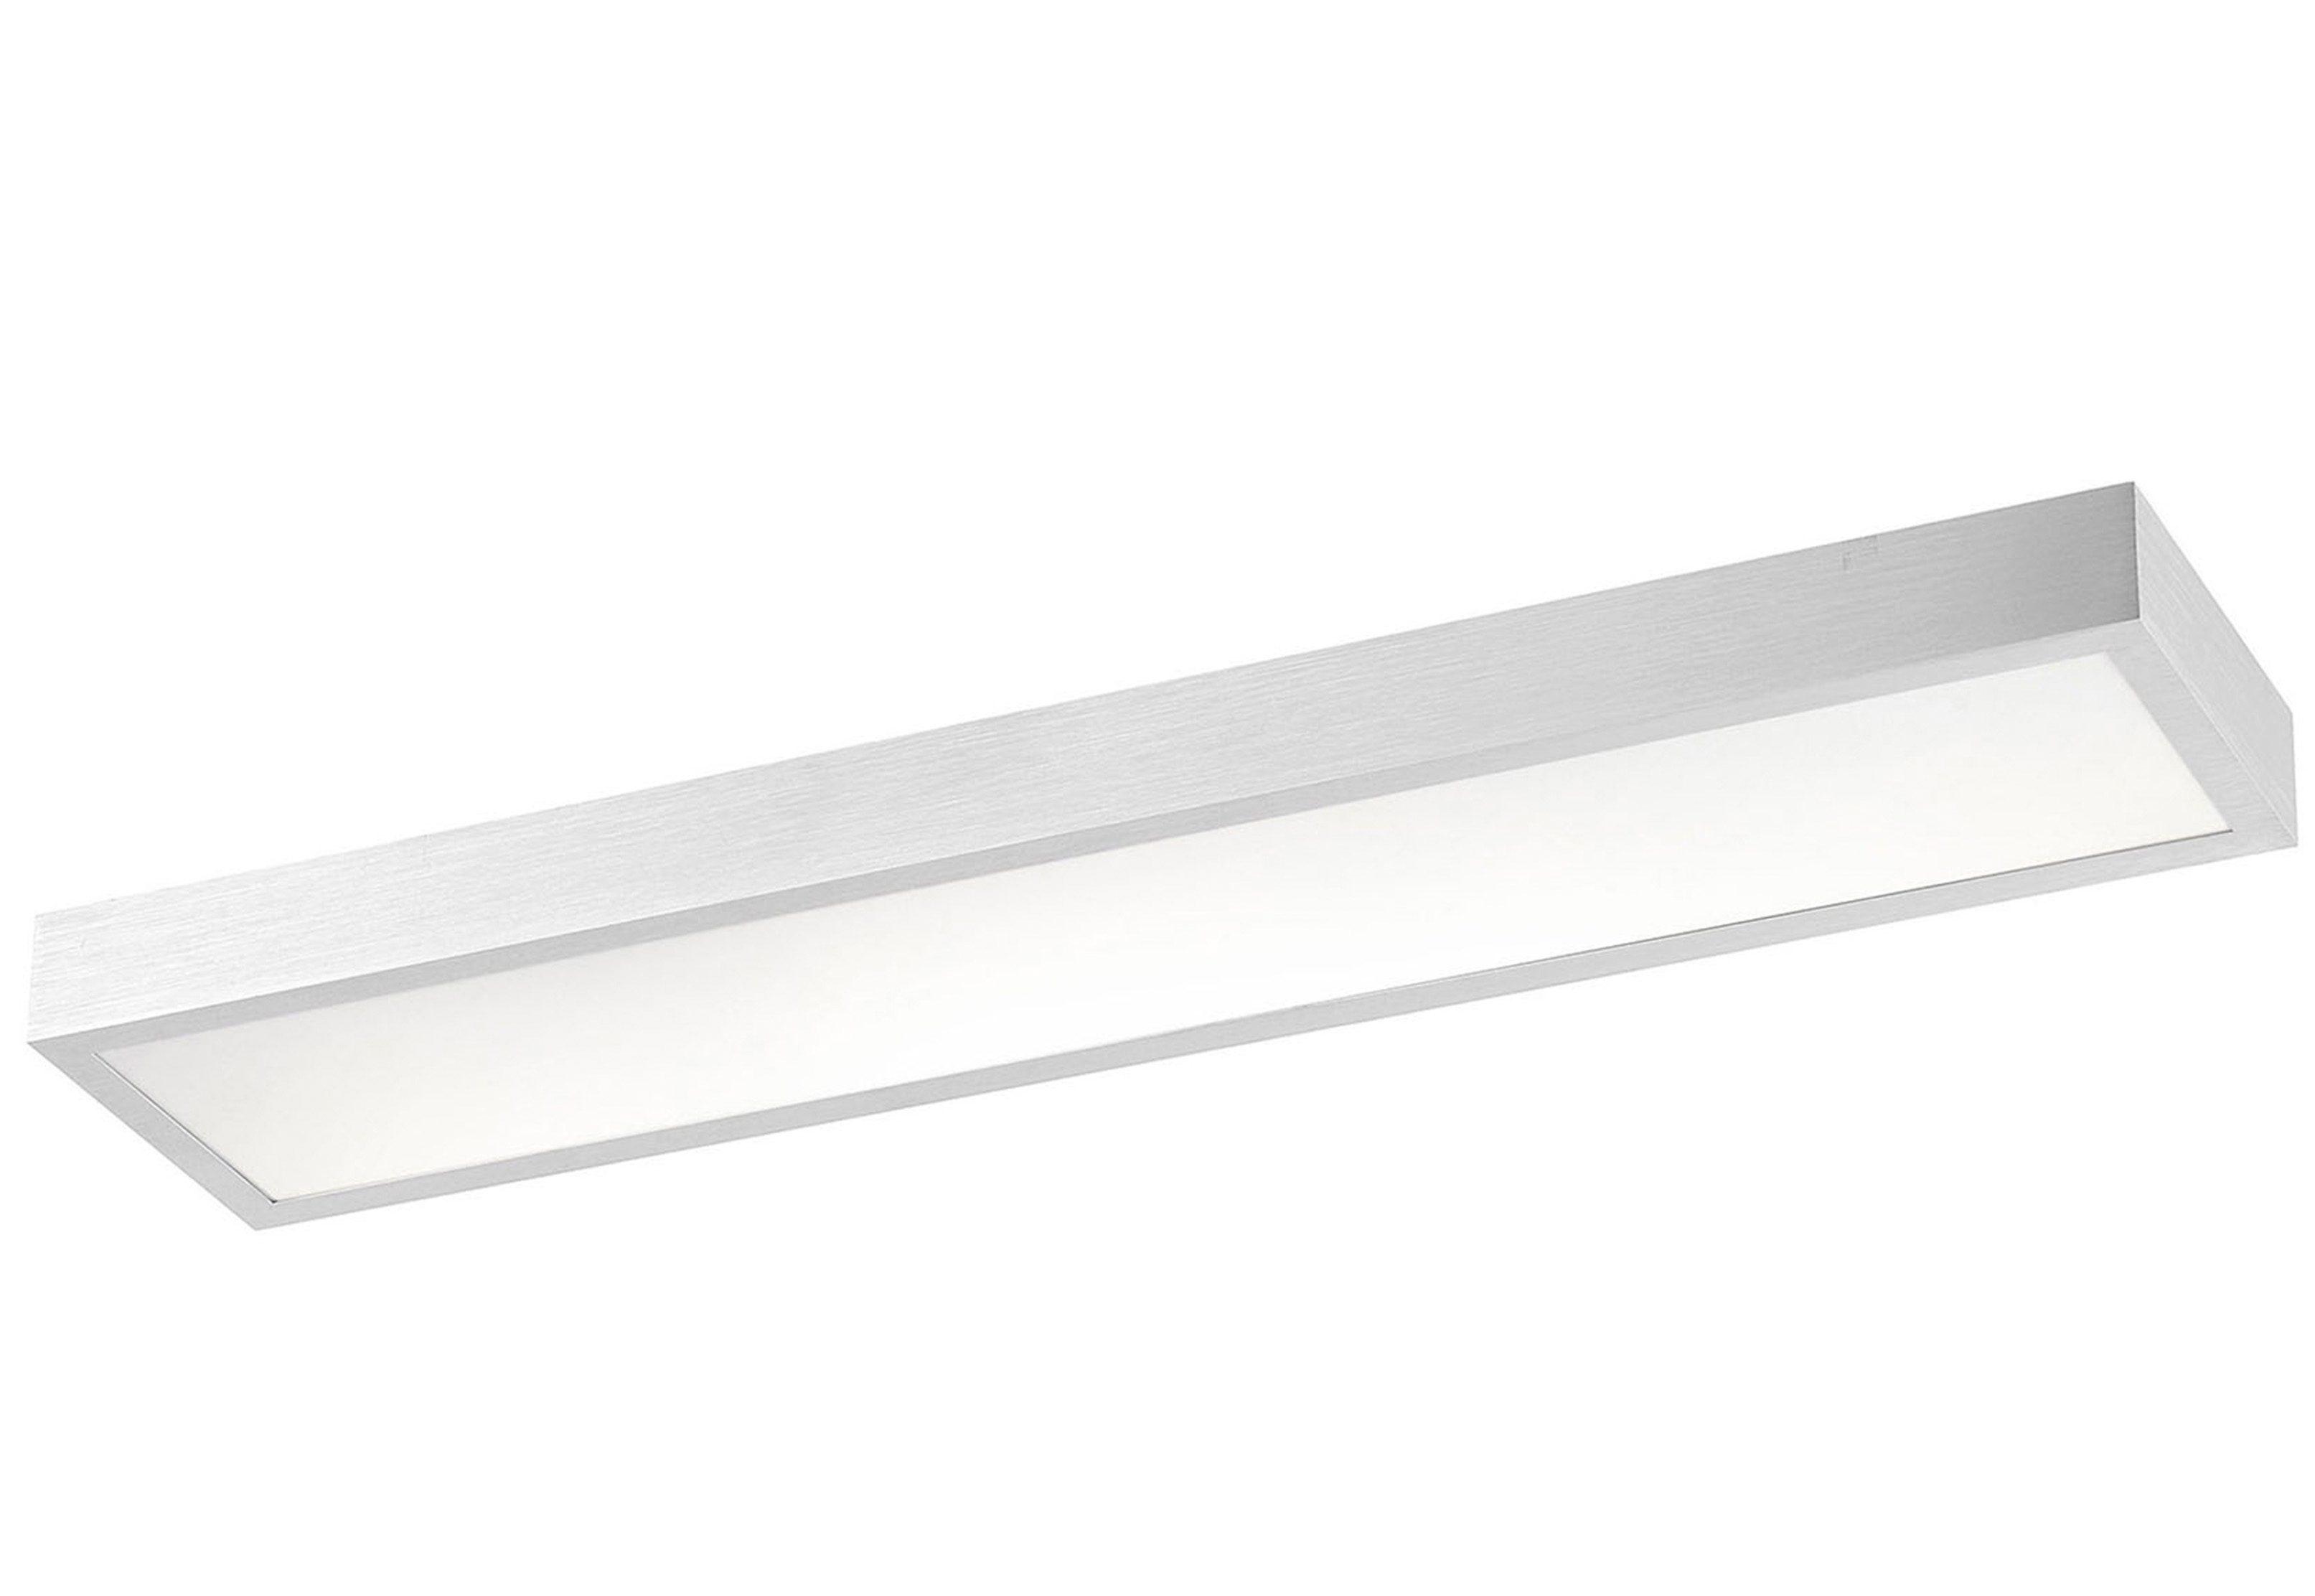 Leuchten Direkt LED Deckenleuchte WOLOF